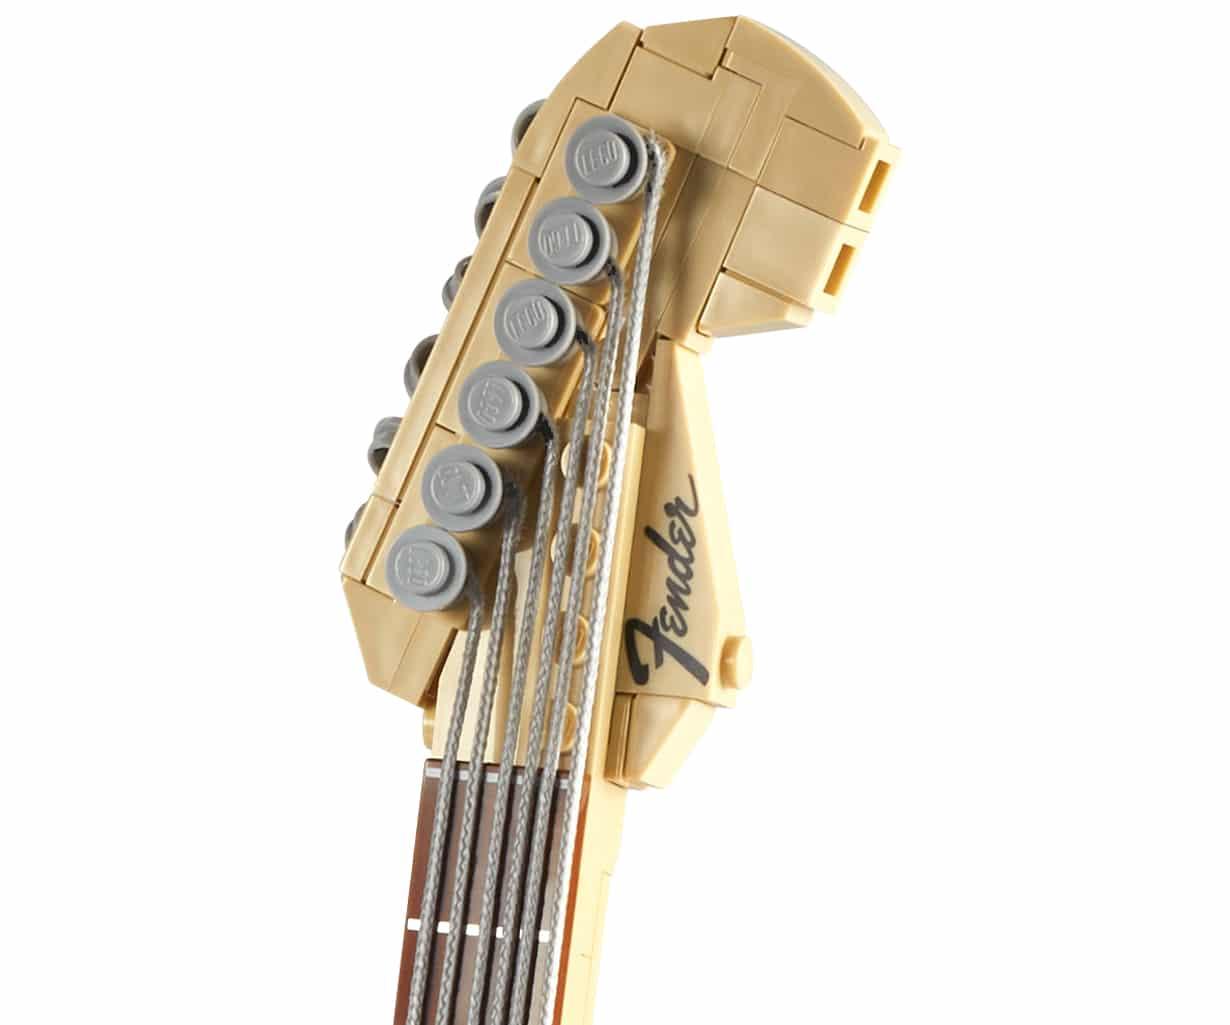 LEGO 21329 Fender Stratocaster Detail03